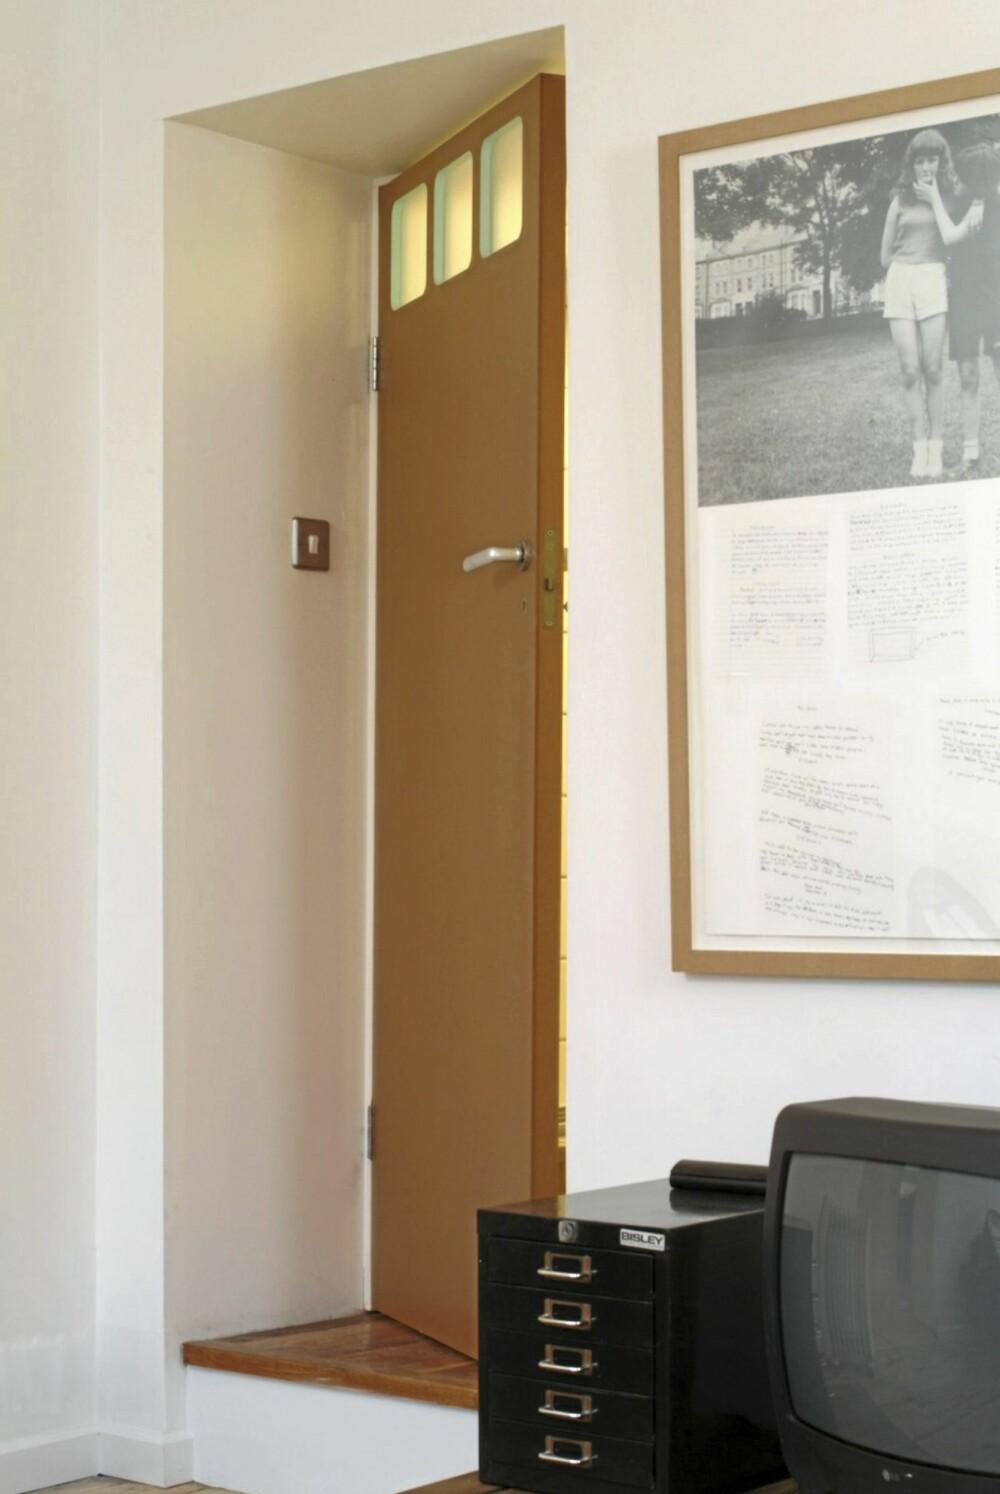 DØR I SÆRKLASSE: Døren er et originalt design utført av eieren. Legg merke til de turkise stripene som kanter de små, frostete vinduene.